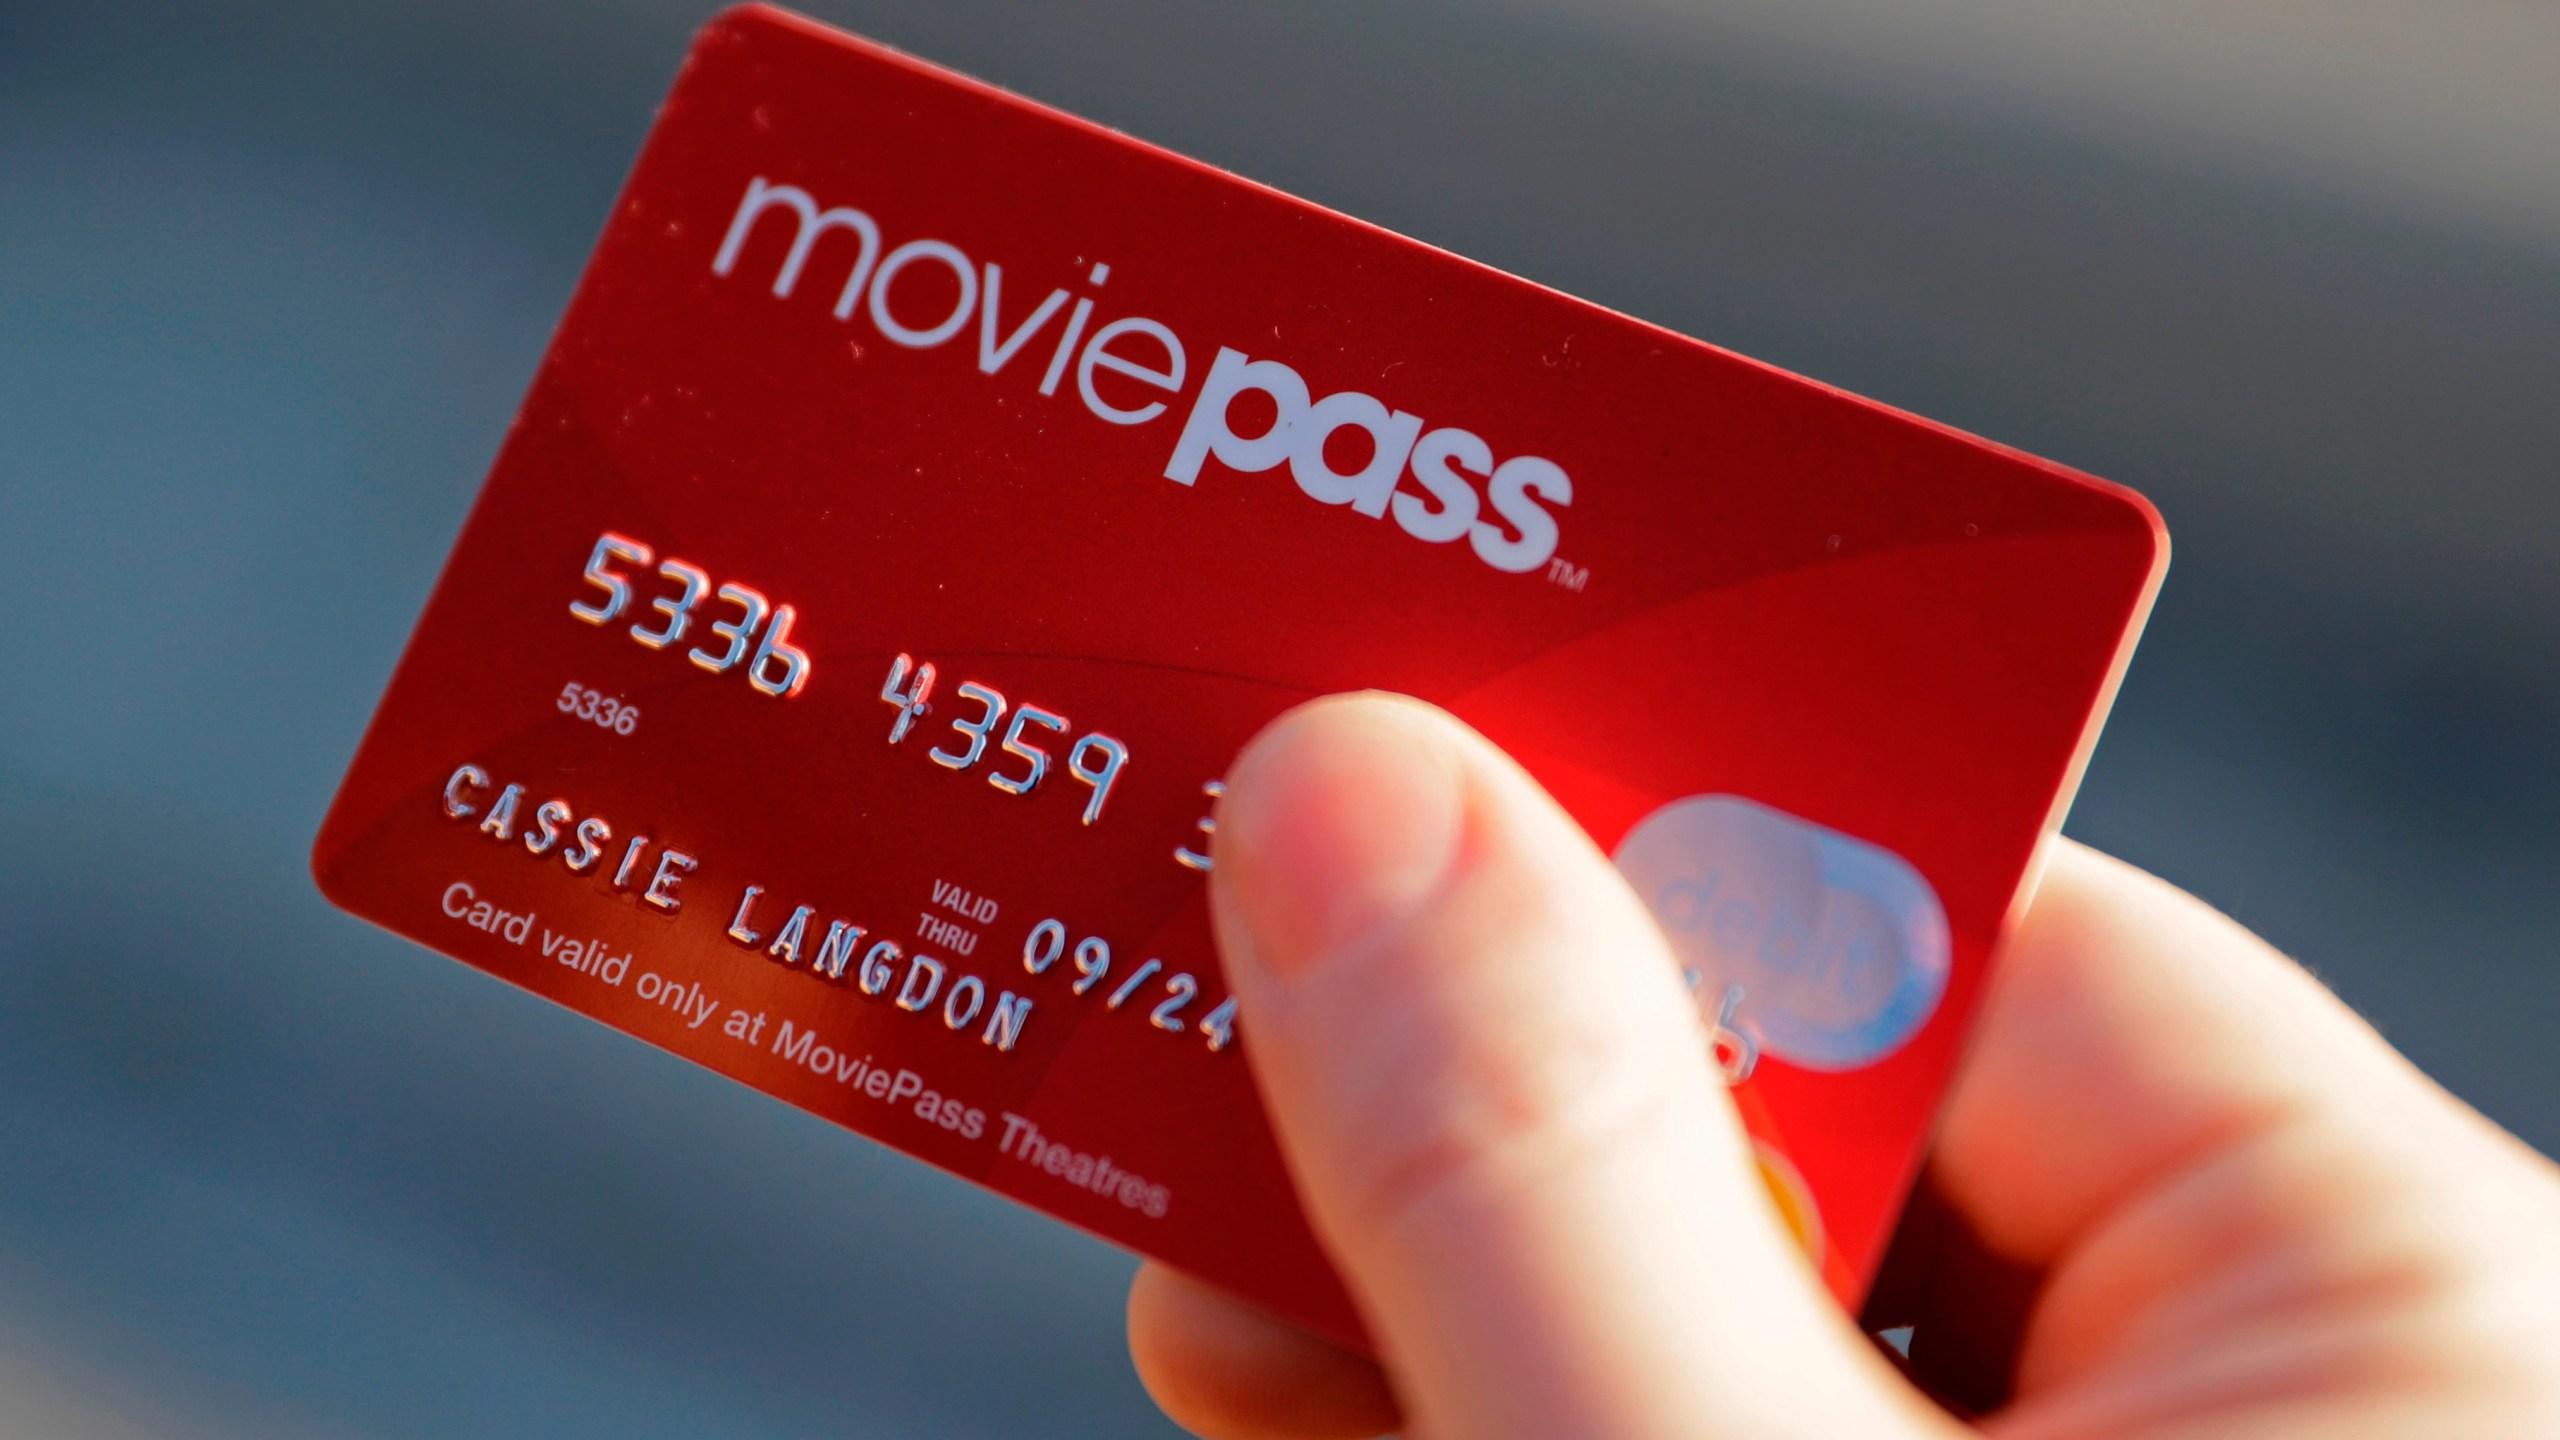 MoviePass_Plan_Change_20227-159532.jpg17104328